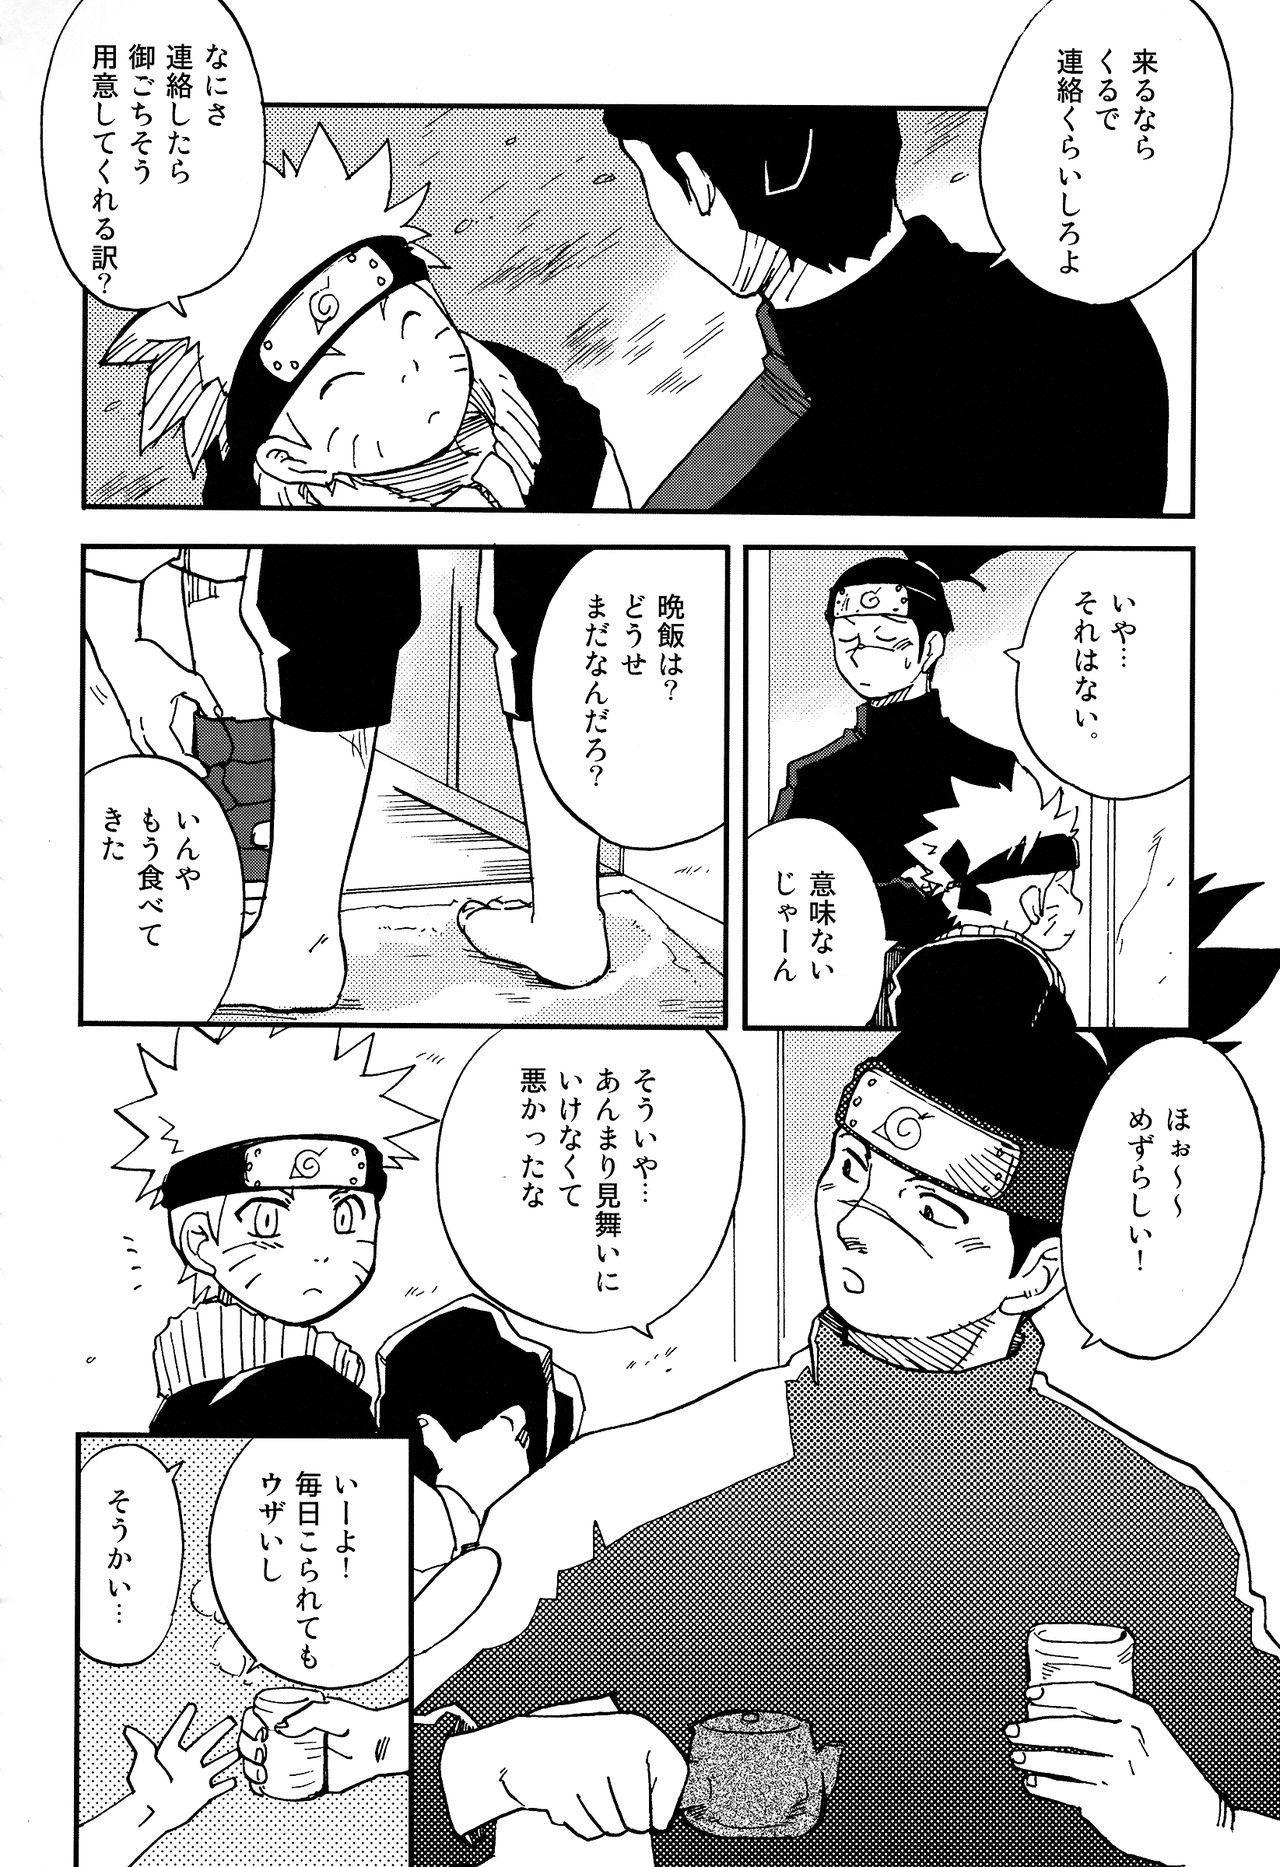 IruNaru no Wadachi 50